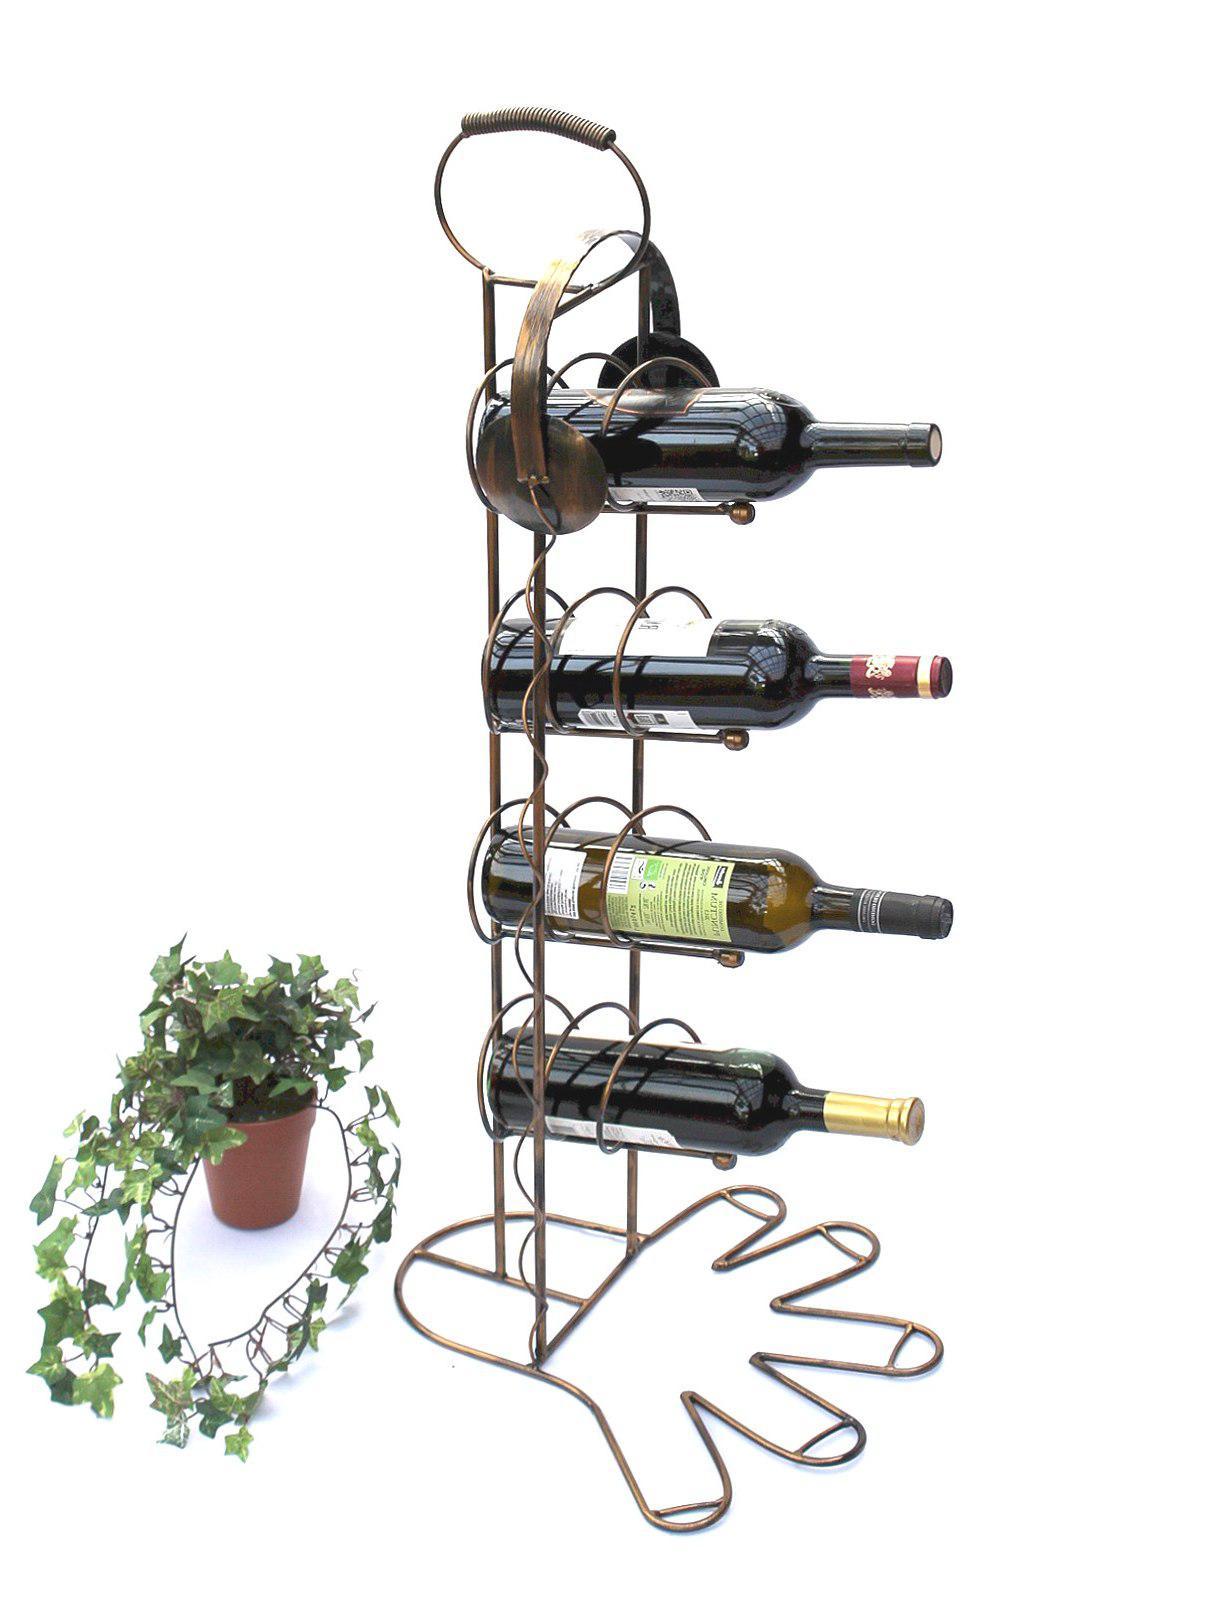 Flaschenregal Flaschenhalter Weinstander Fur 6 Flaschen Weinregal Aus Metall Esscopipe Com